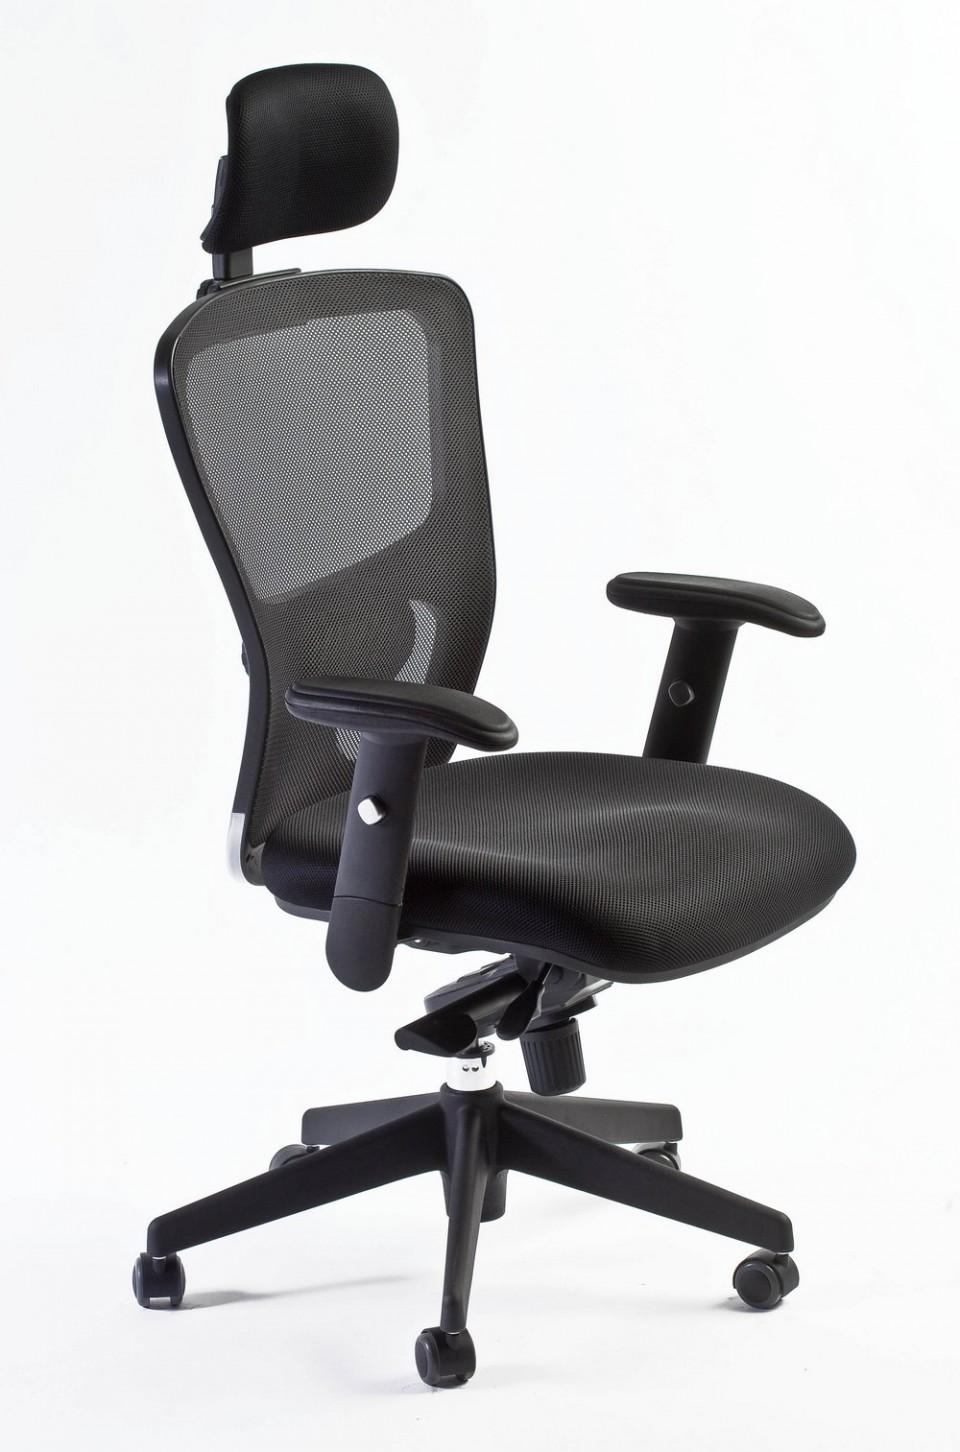 Fauteuil de bureau ergonomique maille achat si ges - Achat fauteuil de bureau ...